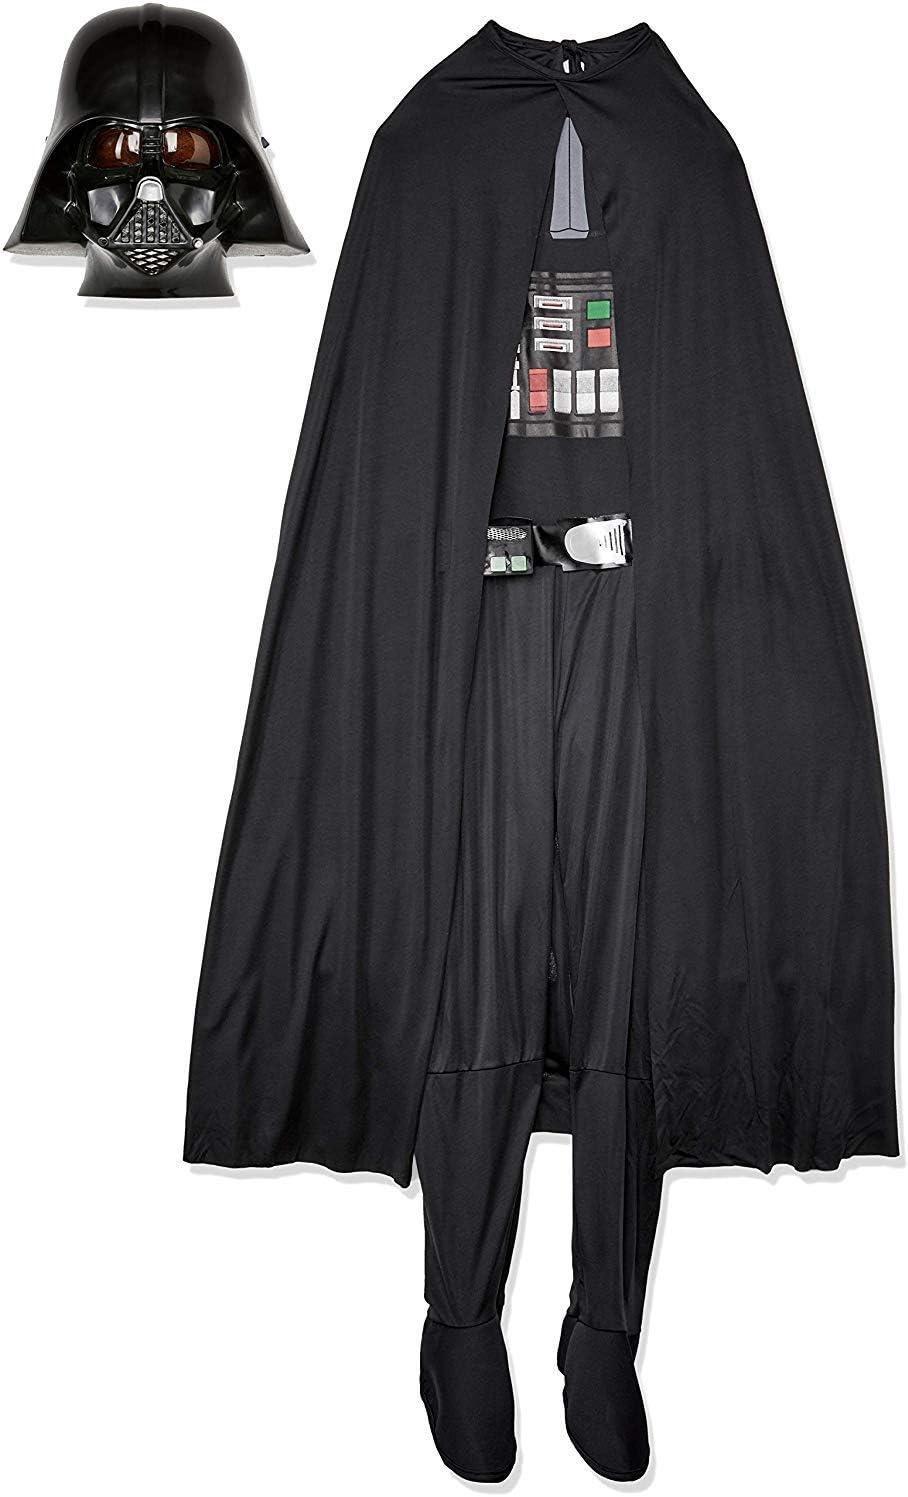 STAR WARS Disfraz de Darth Vader Hombre: Amazon.es: Juguetes y juegos